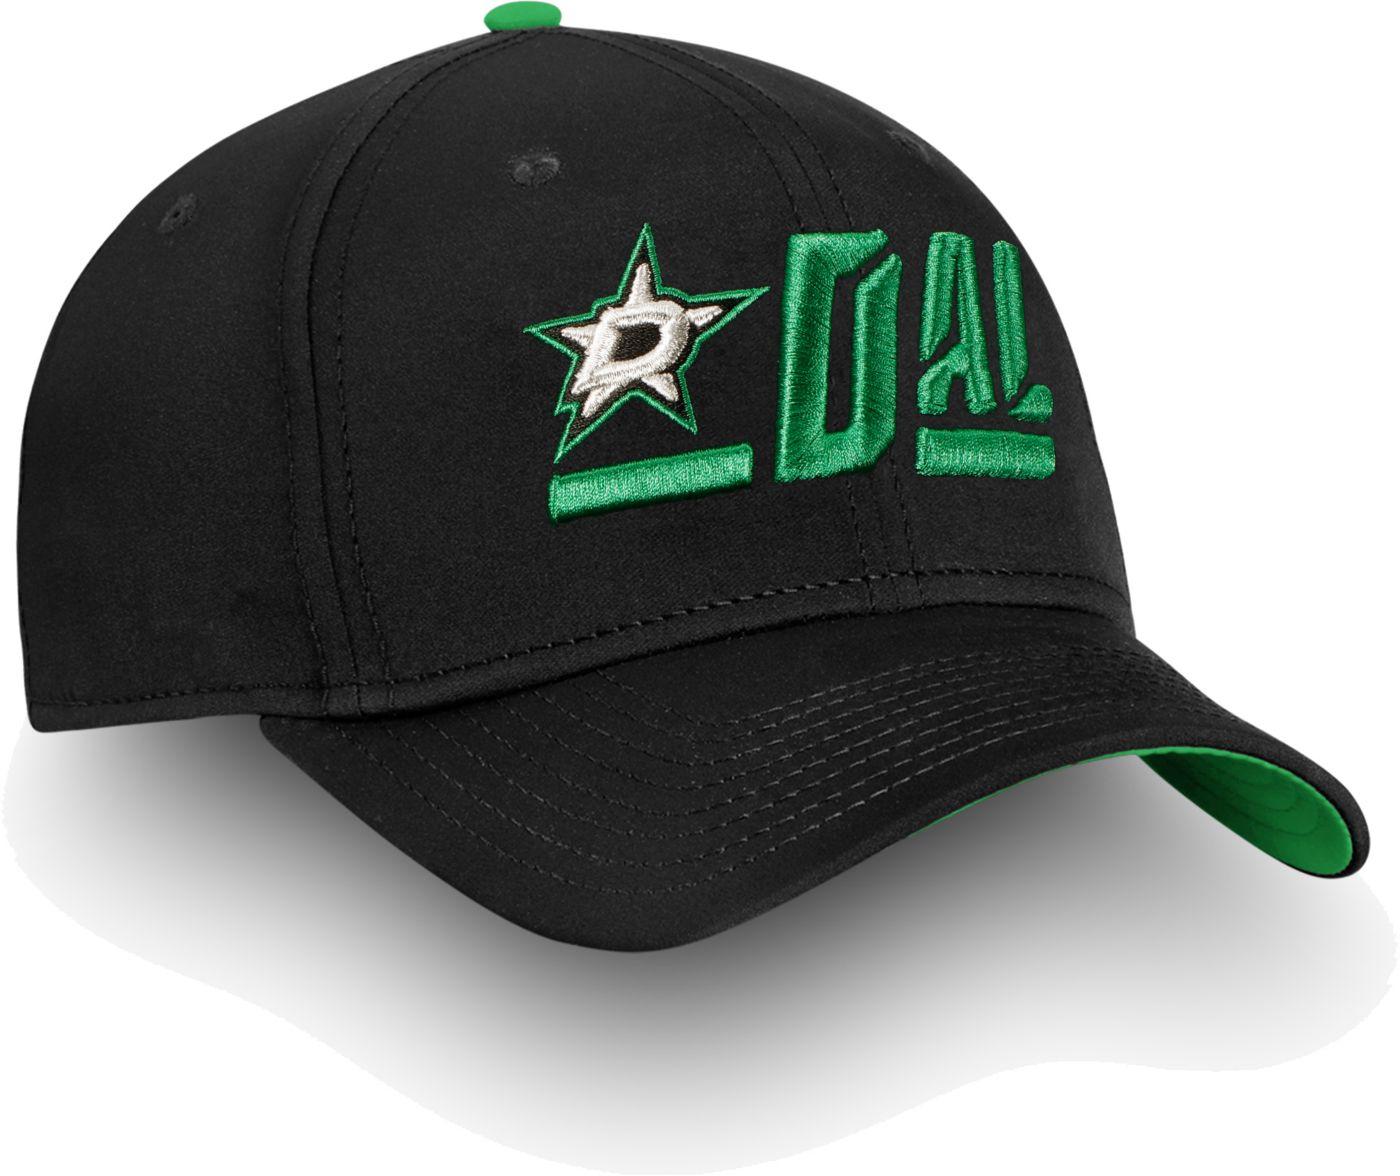 NHL Men's Dallas Stars Authentic Pro Rinkside Alpha Black Adjustable Hat